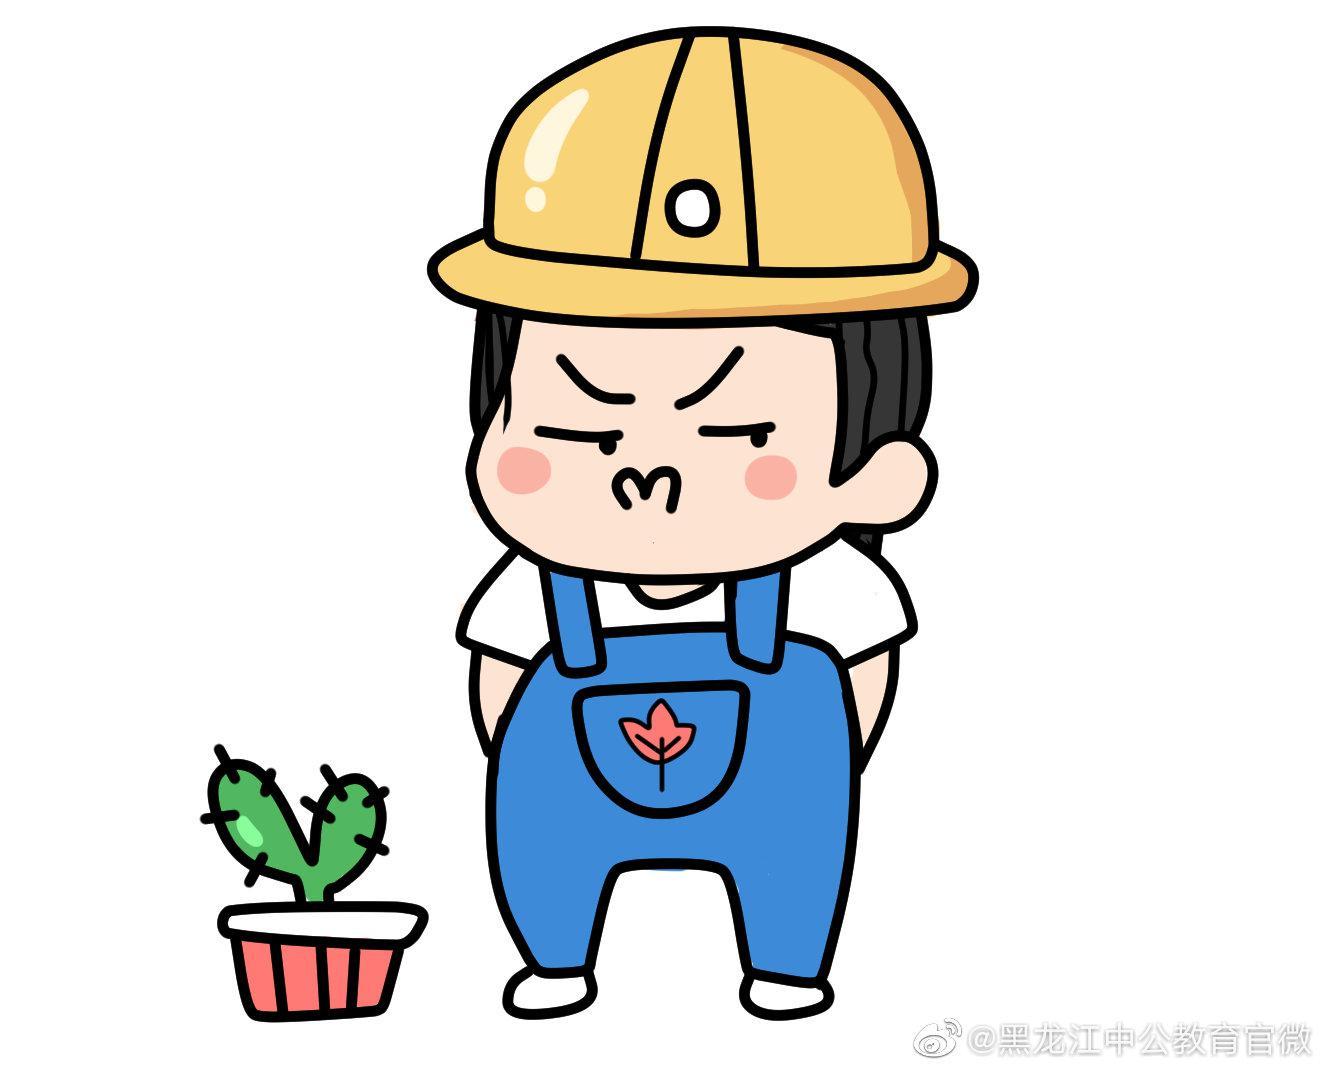 2020年哈尔滨市公开招聘 事业单位人员417人(合同制)